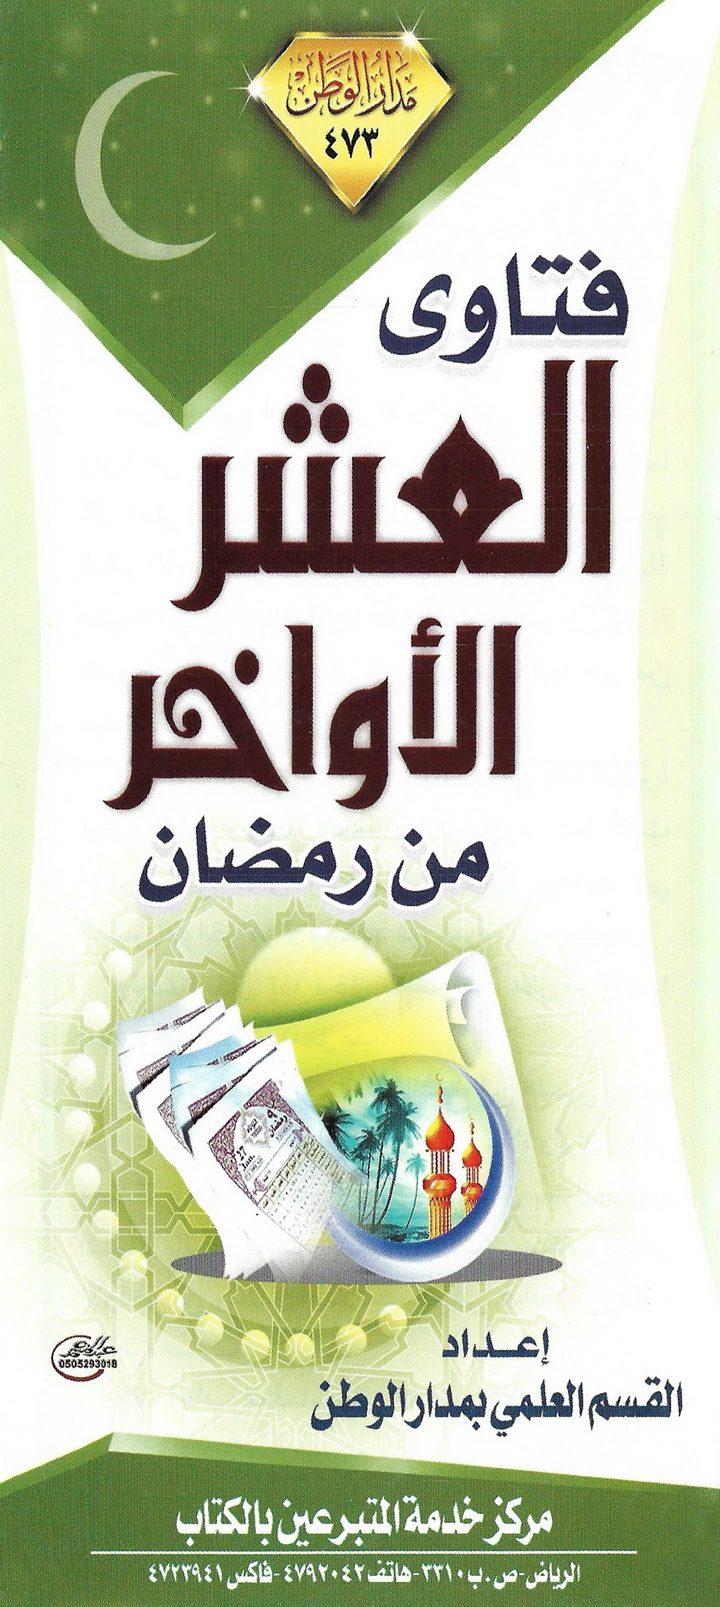 فتاوى العشر الأواخر من رمضان (القسم العلمي بمدار الوطن)